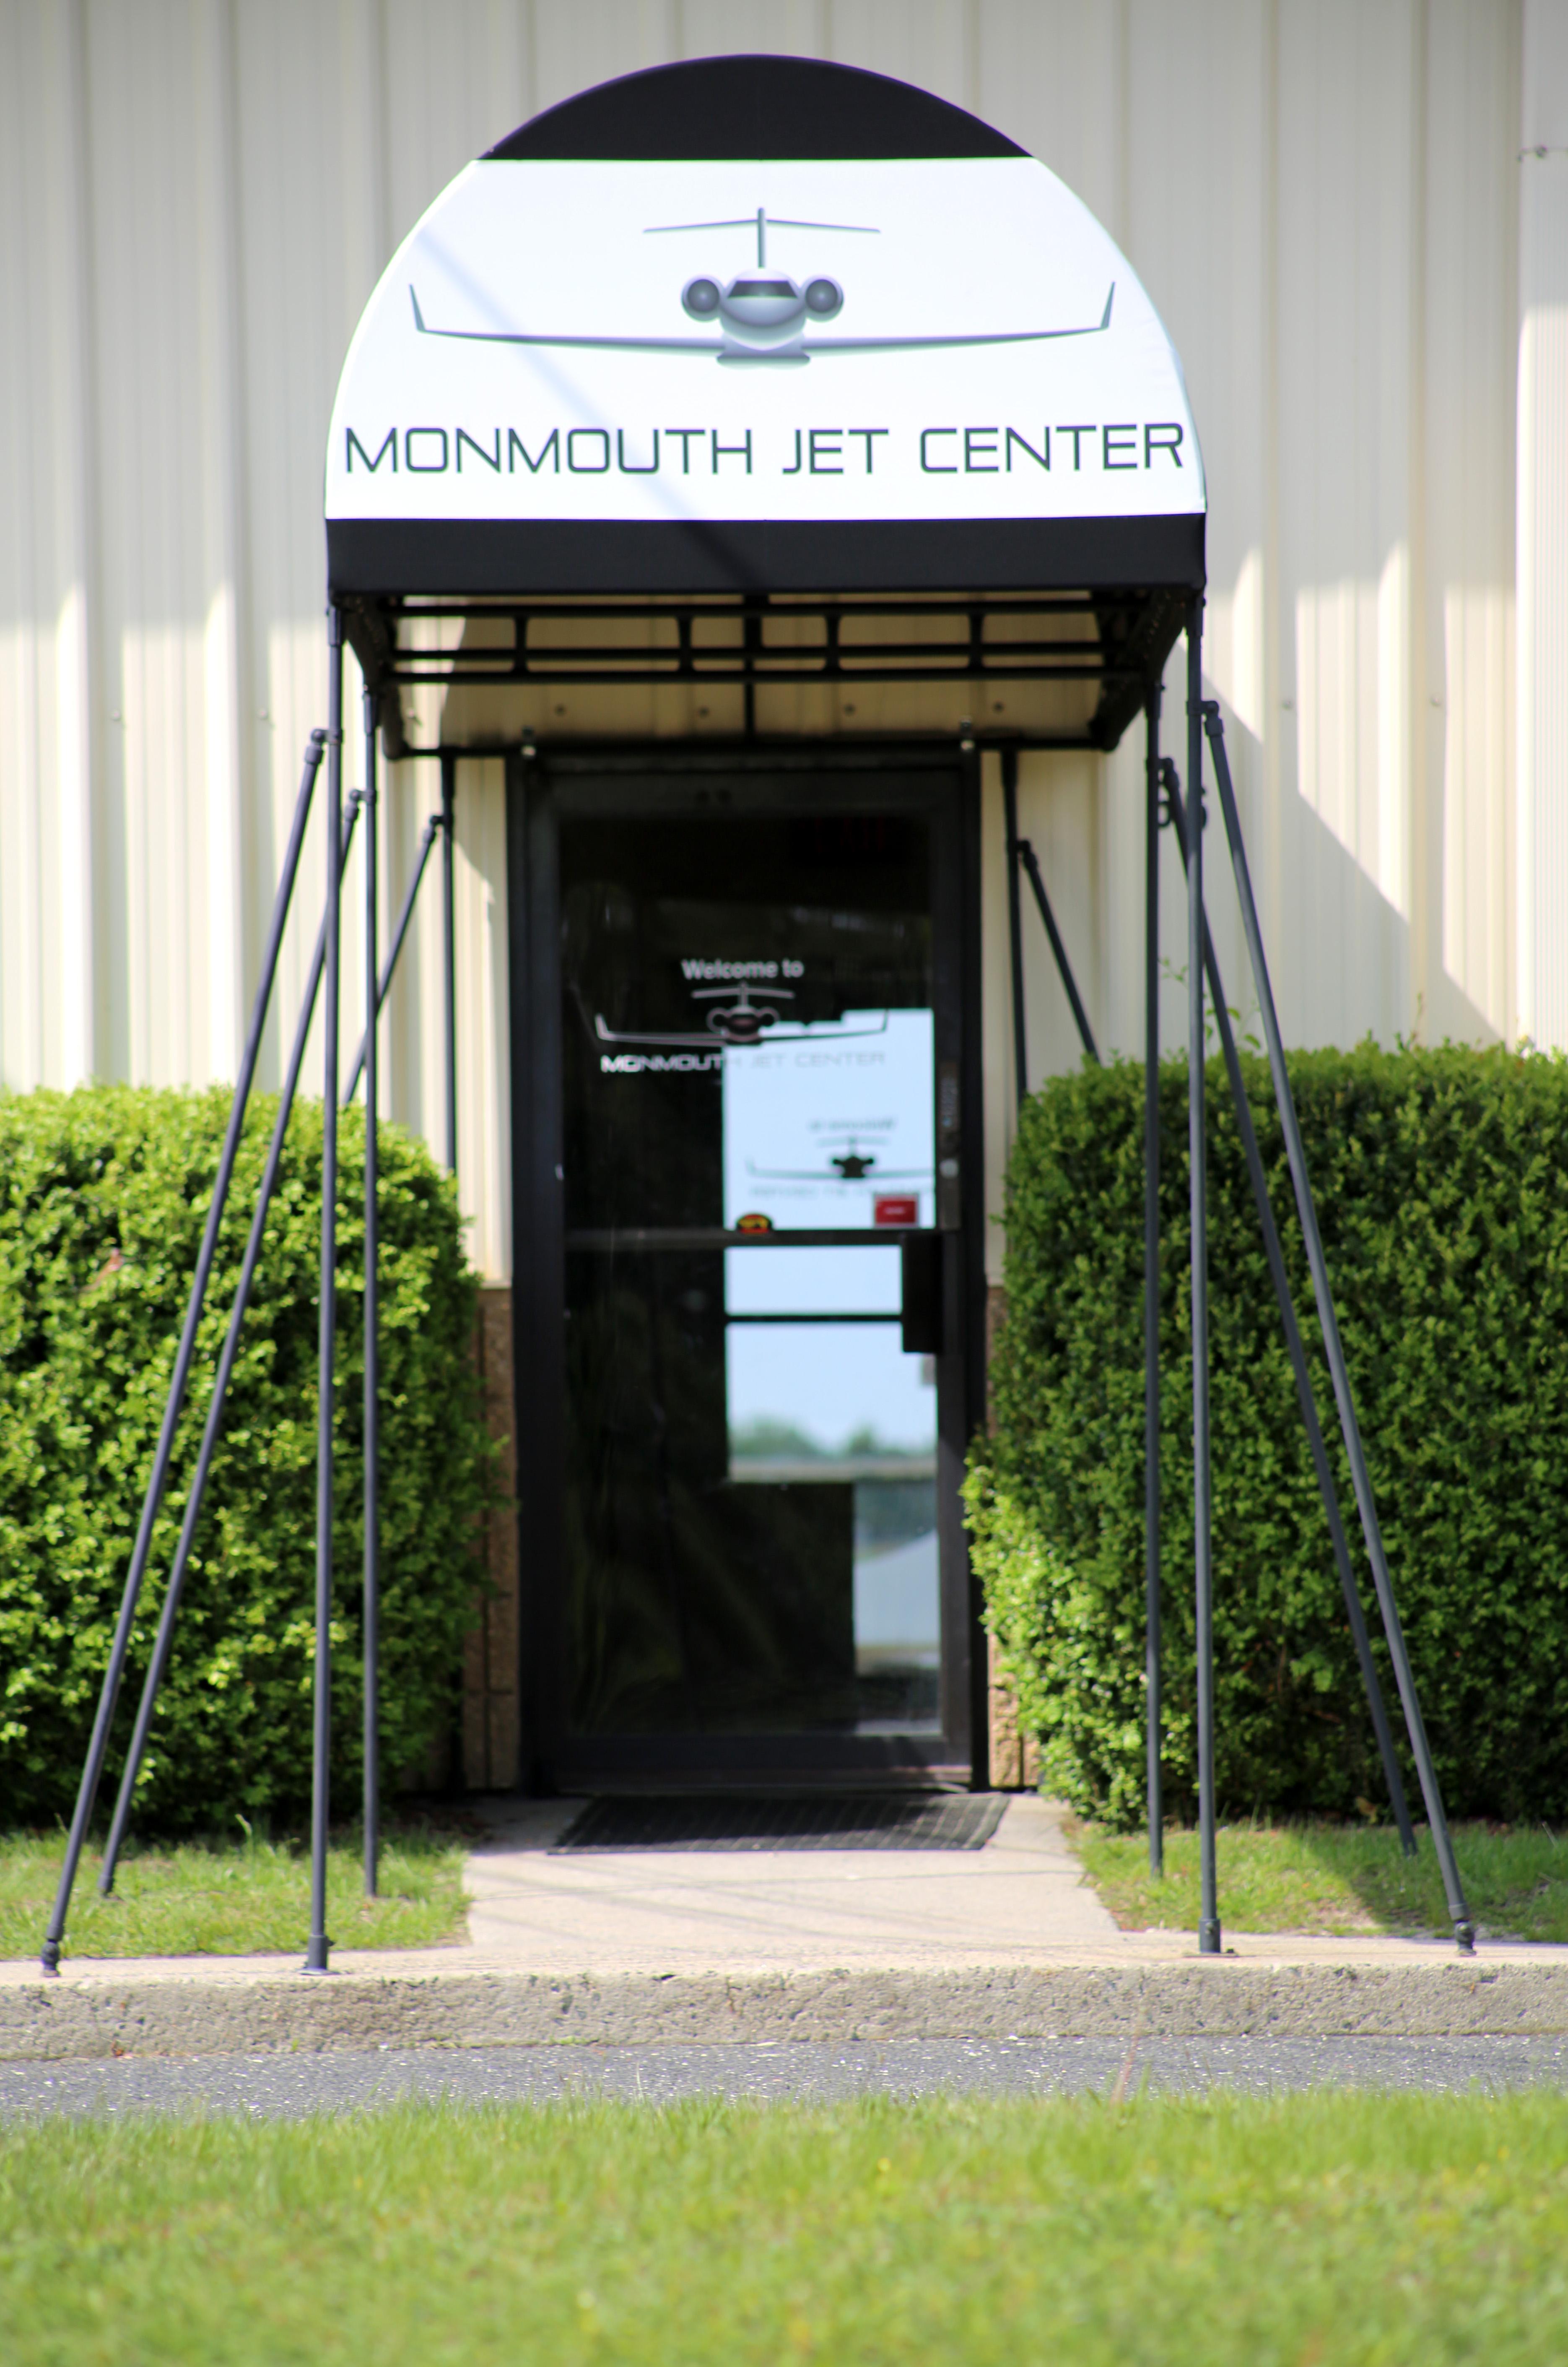 Monmouth Jet Center FBO